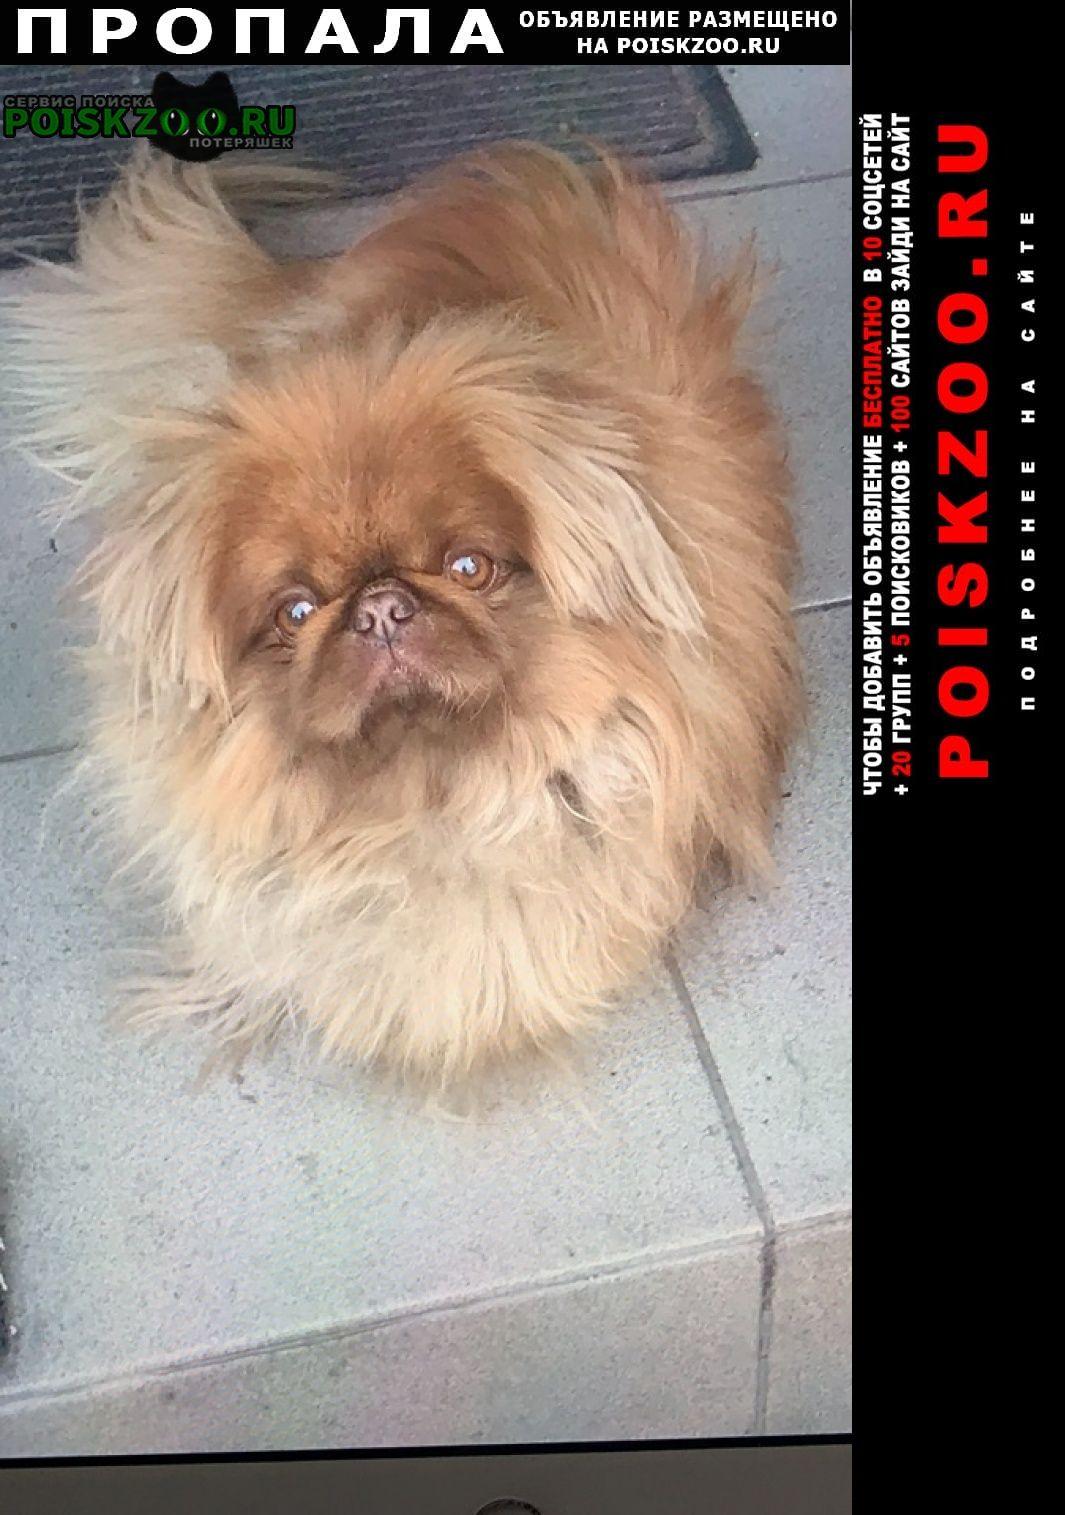 Пропала собака кобель пекинес Брянск